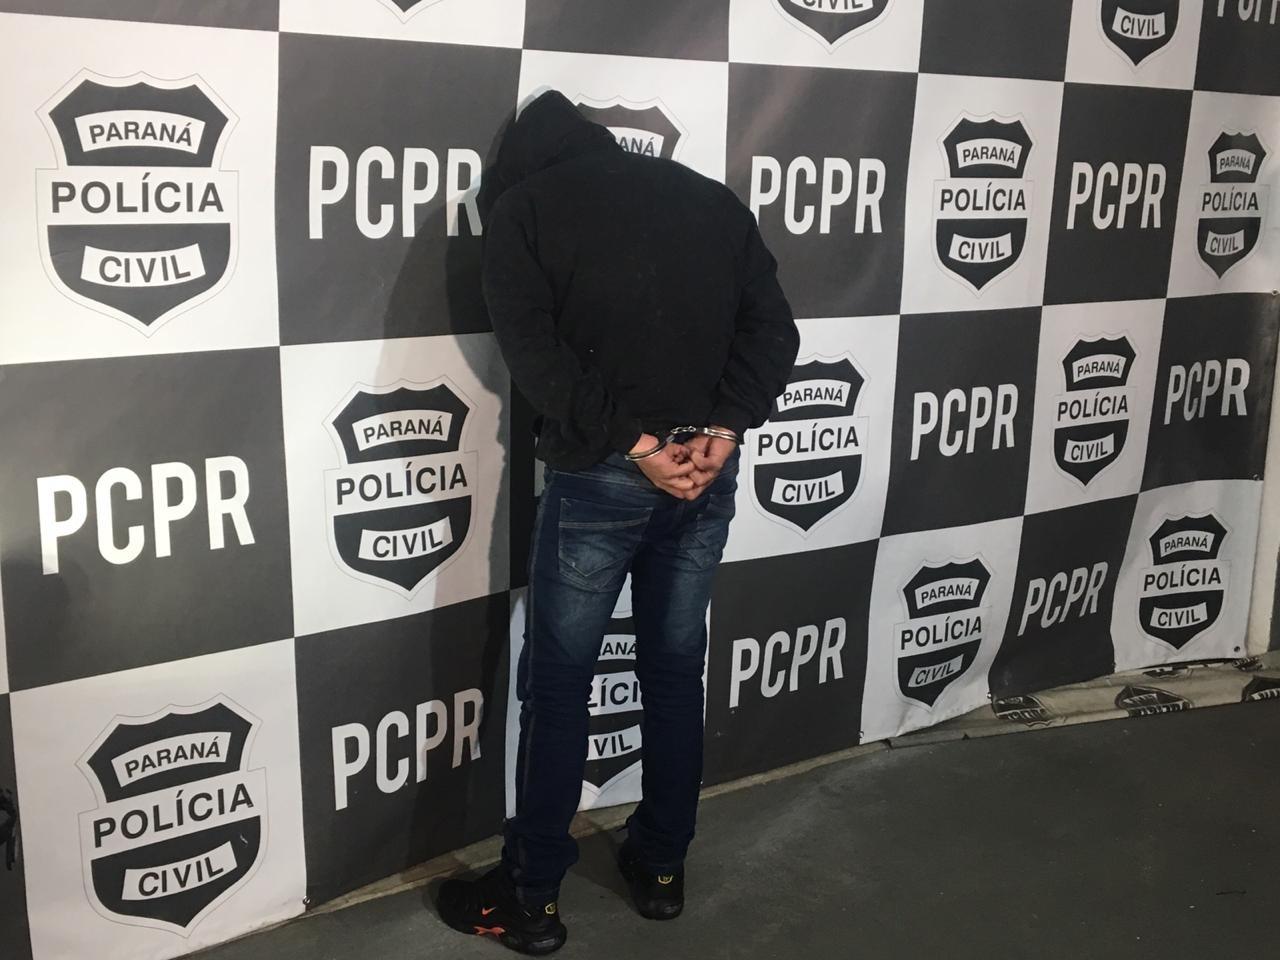 Homem é preso suspeito de manter relacionamento amoroso para aplicar golpe em mulher, no Paraná, diz polícia - Notícias - Plantão Diário